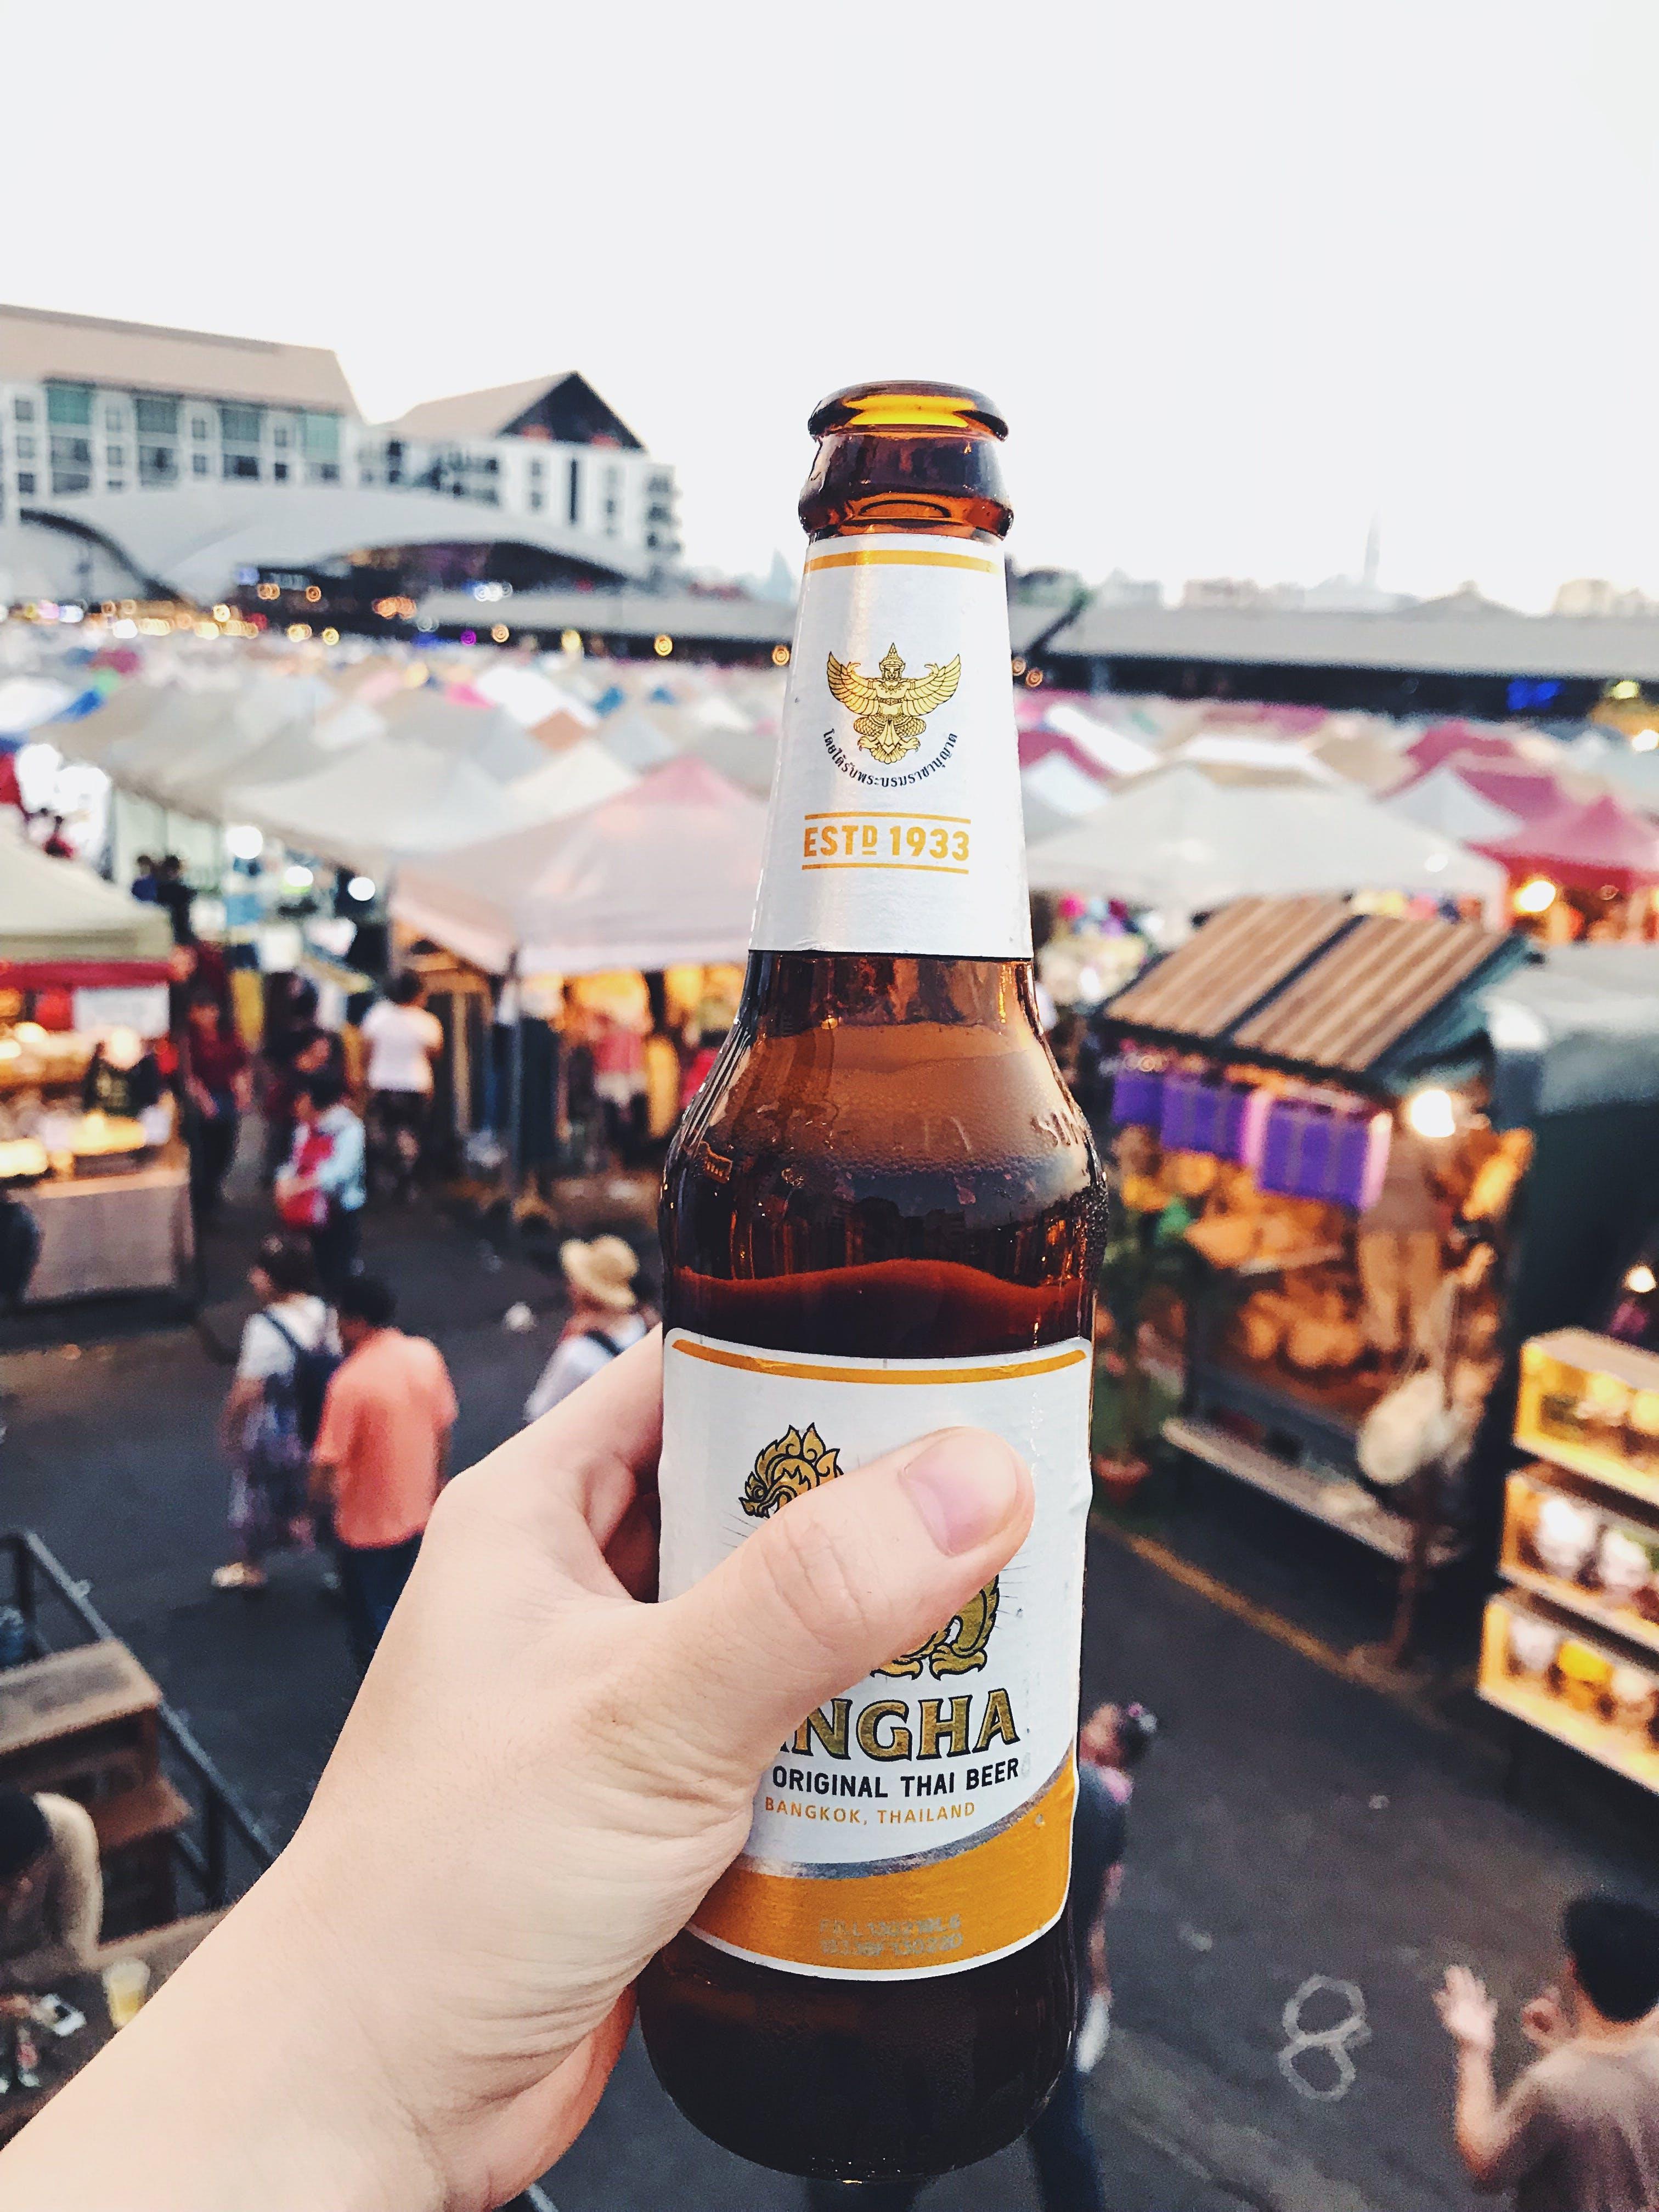 açık hava, alkol, alkollü içecek, alkollü içecekler içeren Ücretsiz stok fotoğraf